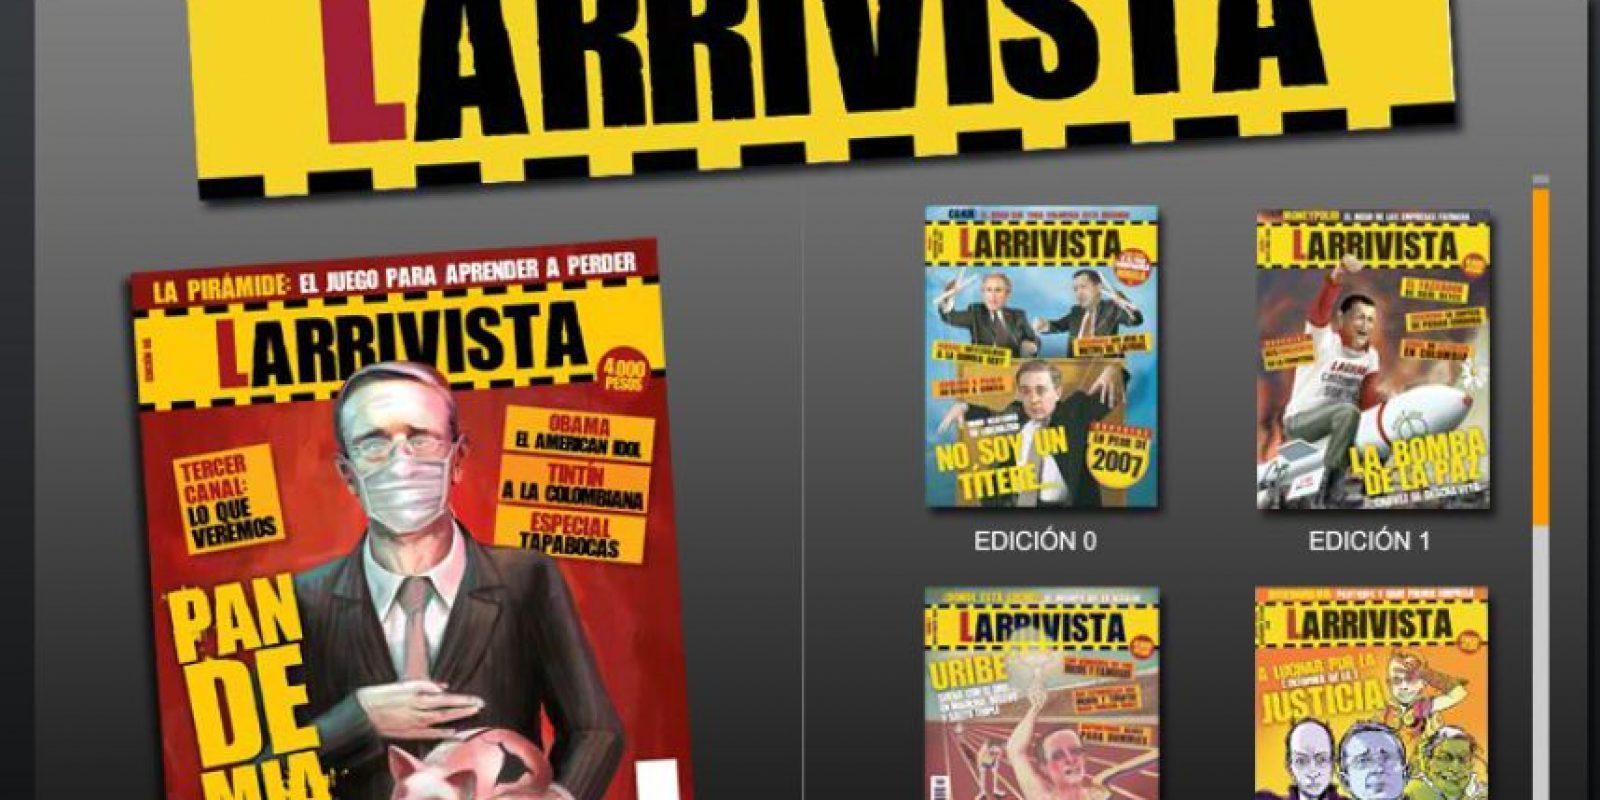 Larrivista: Bajo la dirección de Karl Troller y Eduardo Arias nació en 2007 está revista bimestral que se burla de la actualidad política y sus protagonistas, especialmente en el ámbito nacional pero también de lo que pasa en el mundo. Foto: Captura